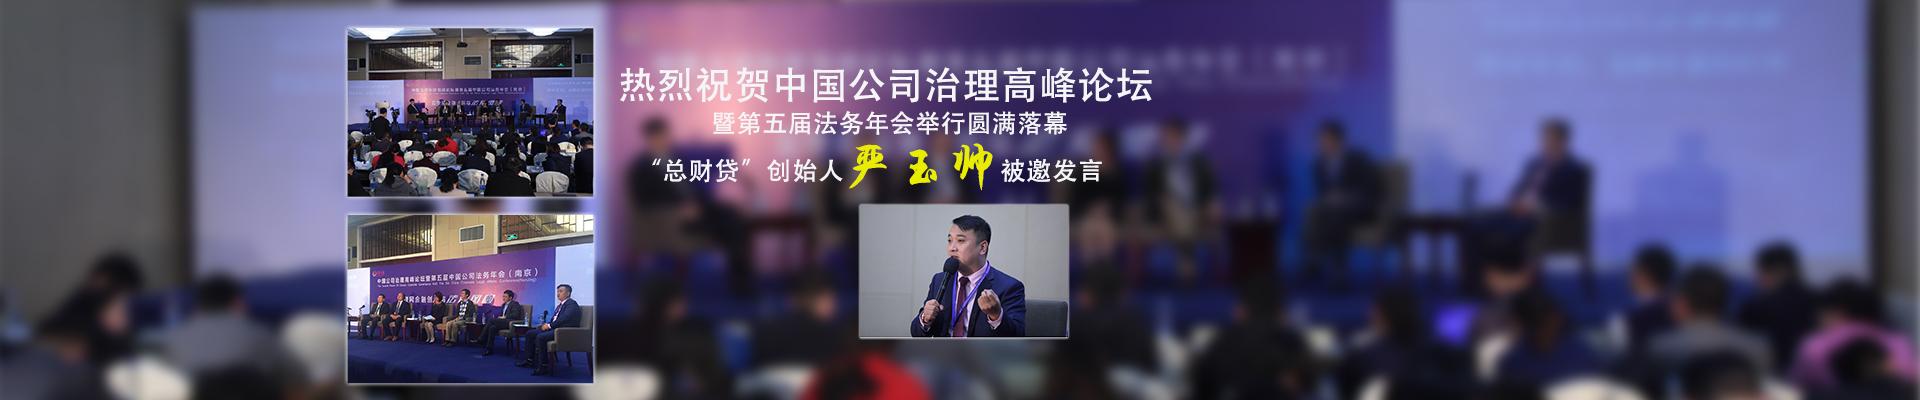 中国公司治理高峰论坛暨第五届法务年会举行